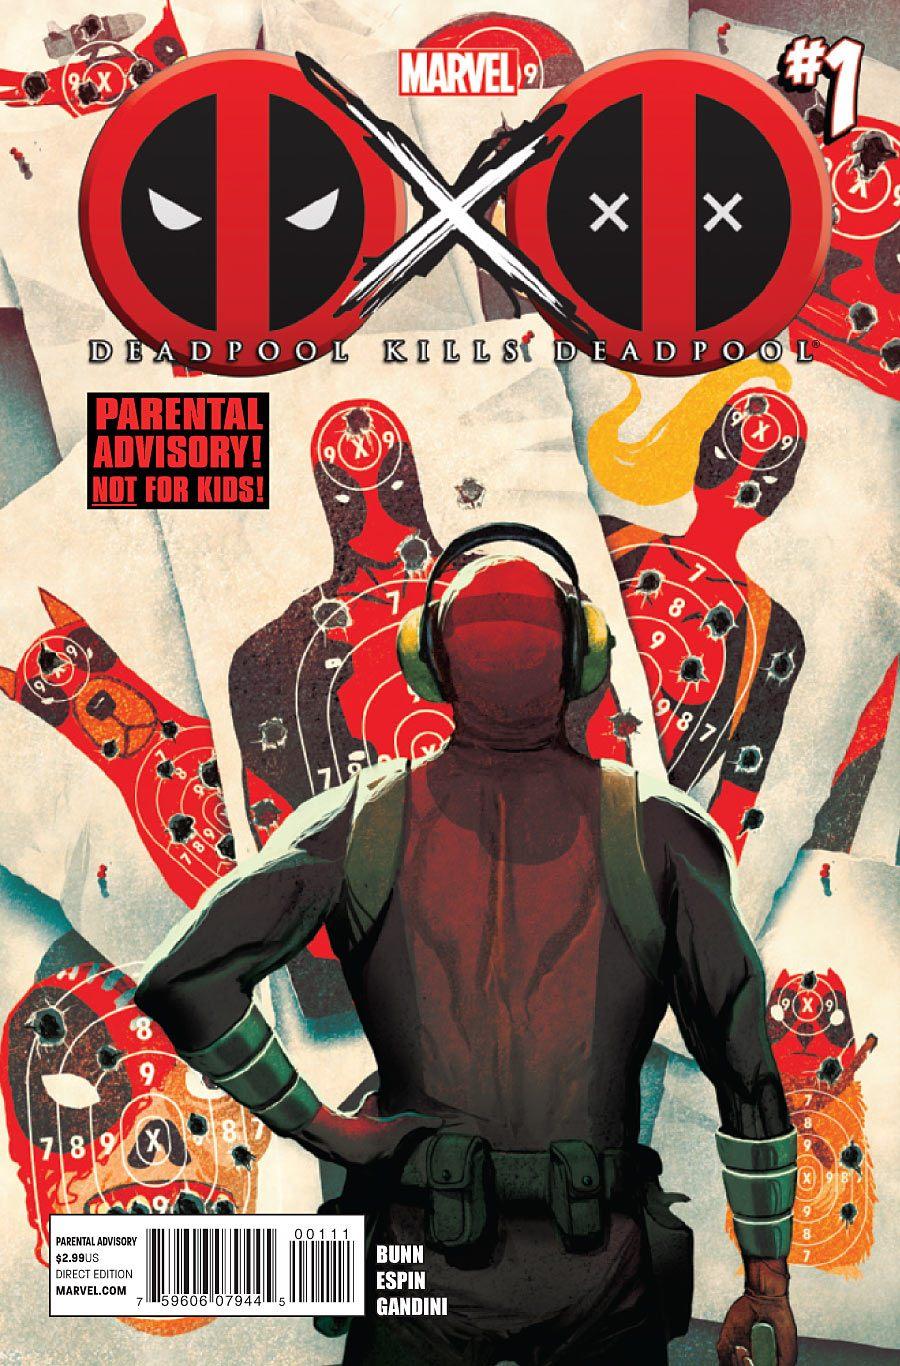 Deadpool kills deadpool x men the fan fic series for Deadpool show